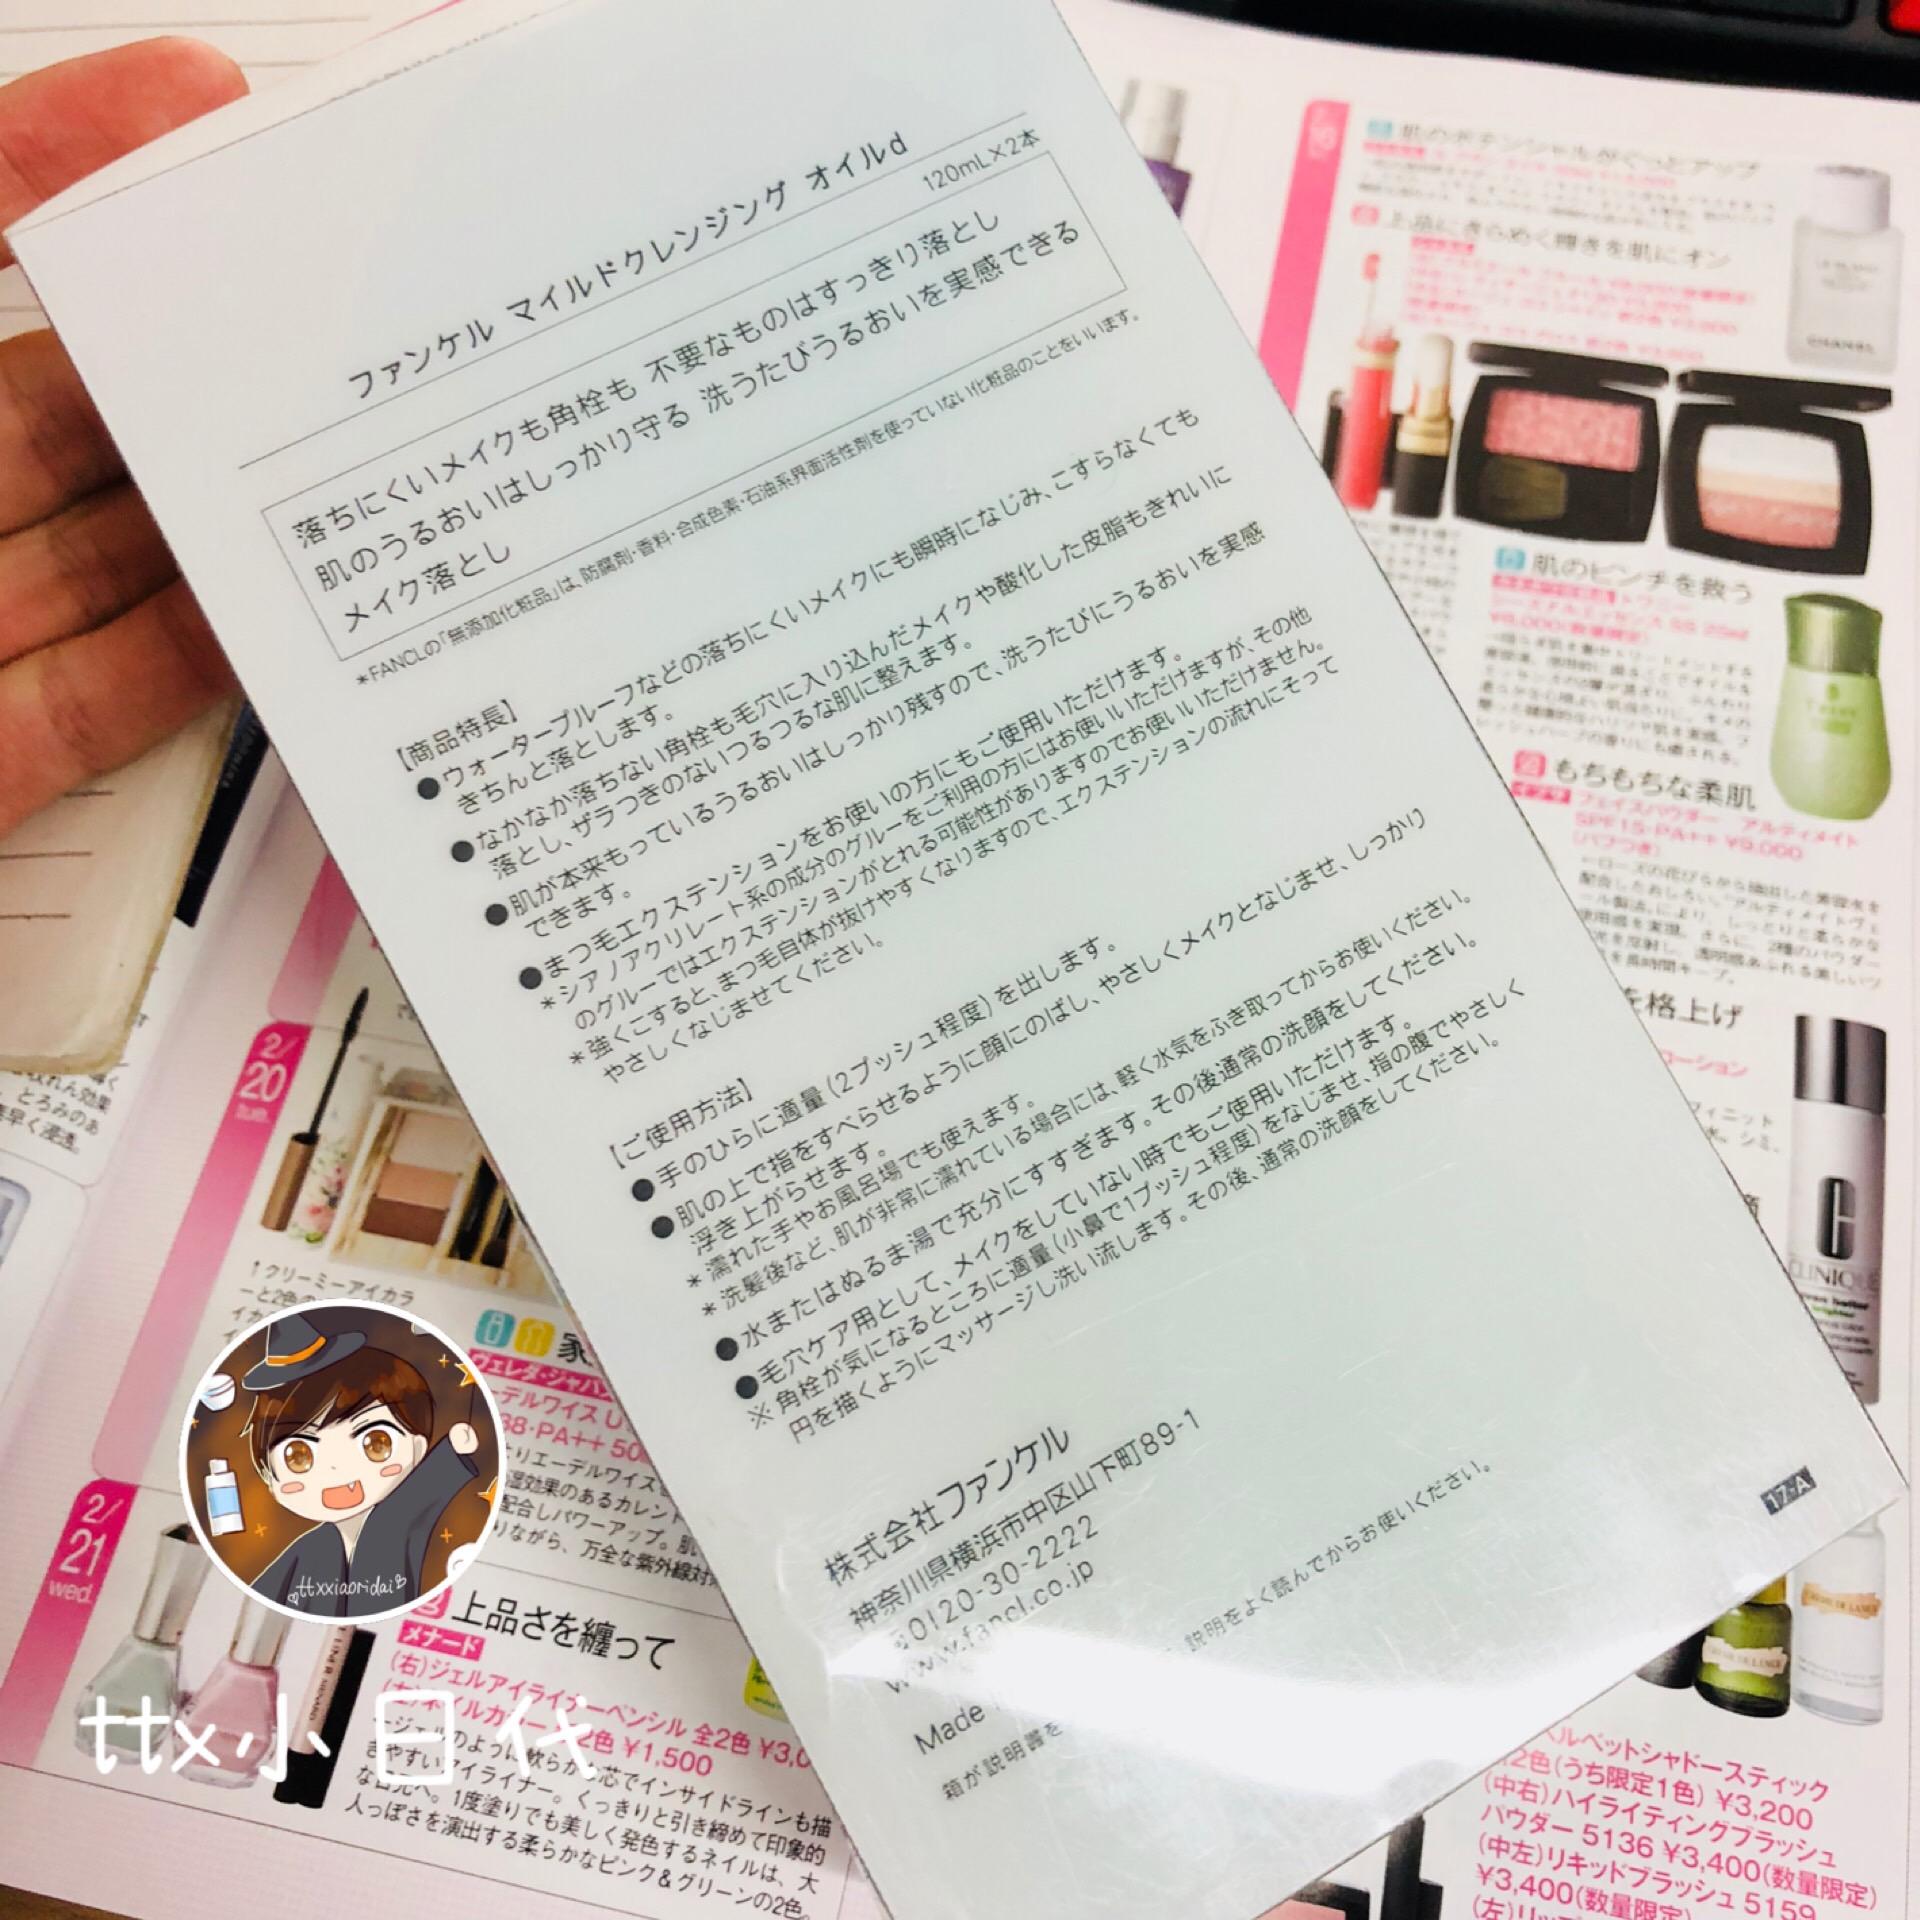 特惠装 2 120ml 孕敏可用 纯化纳米净化卸妆油 FANCL 现货 日本